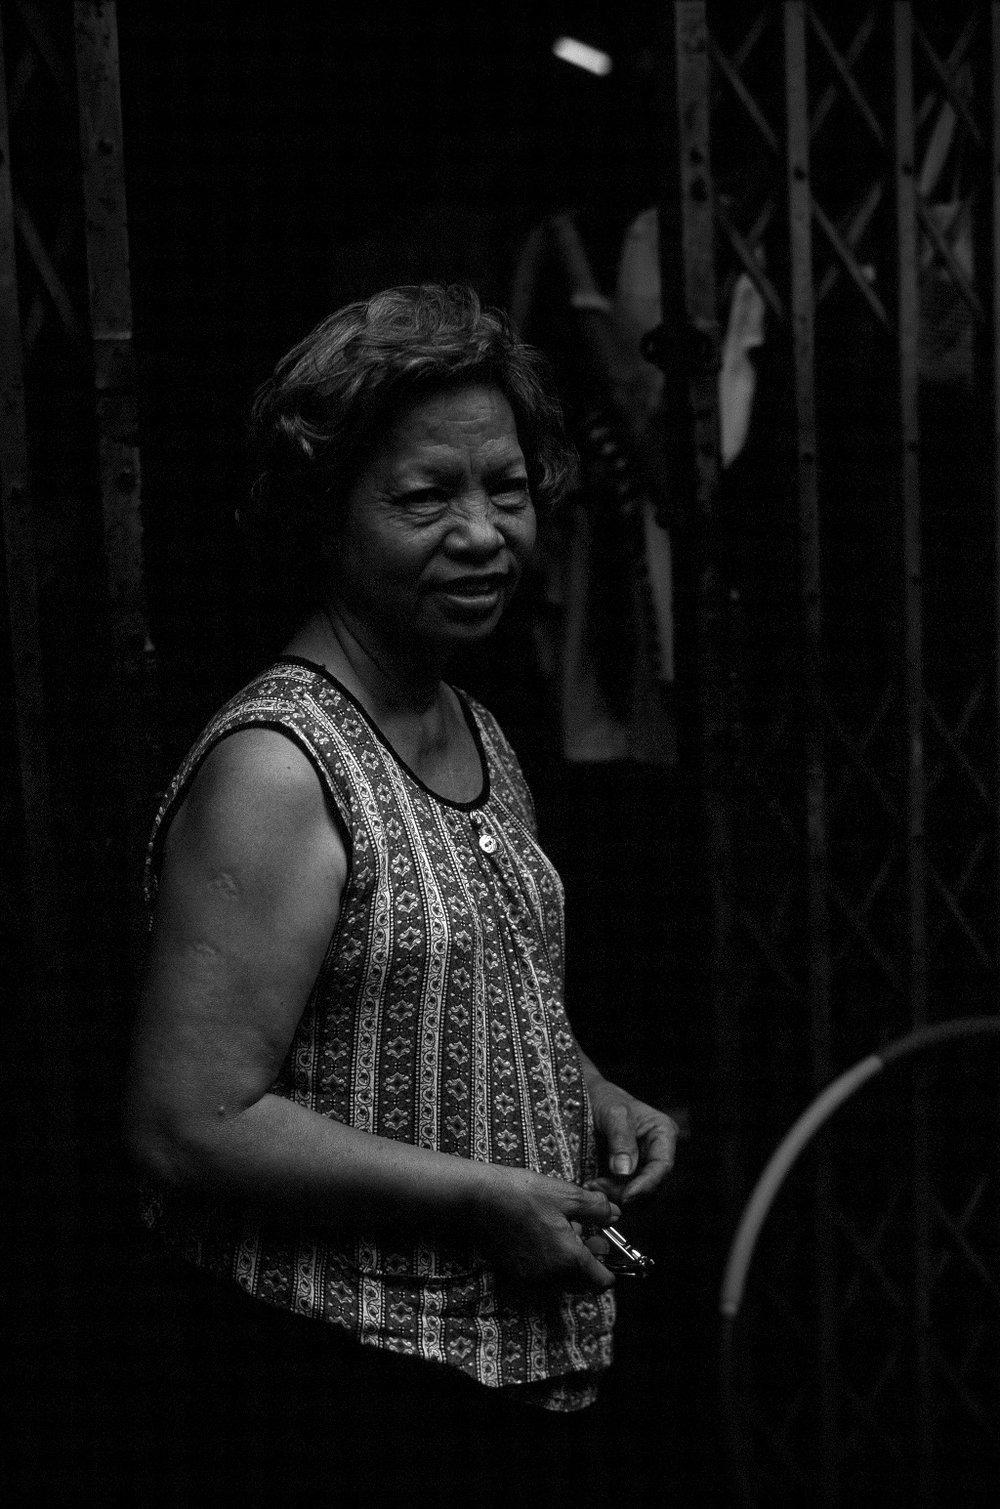 064_BangkokLady.jpg